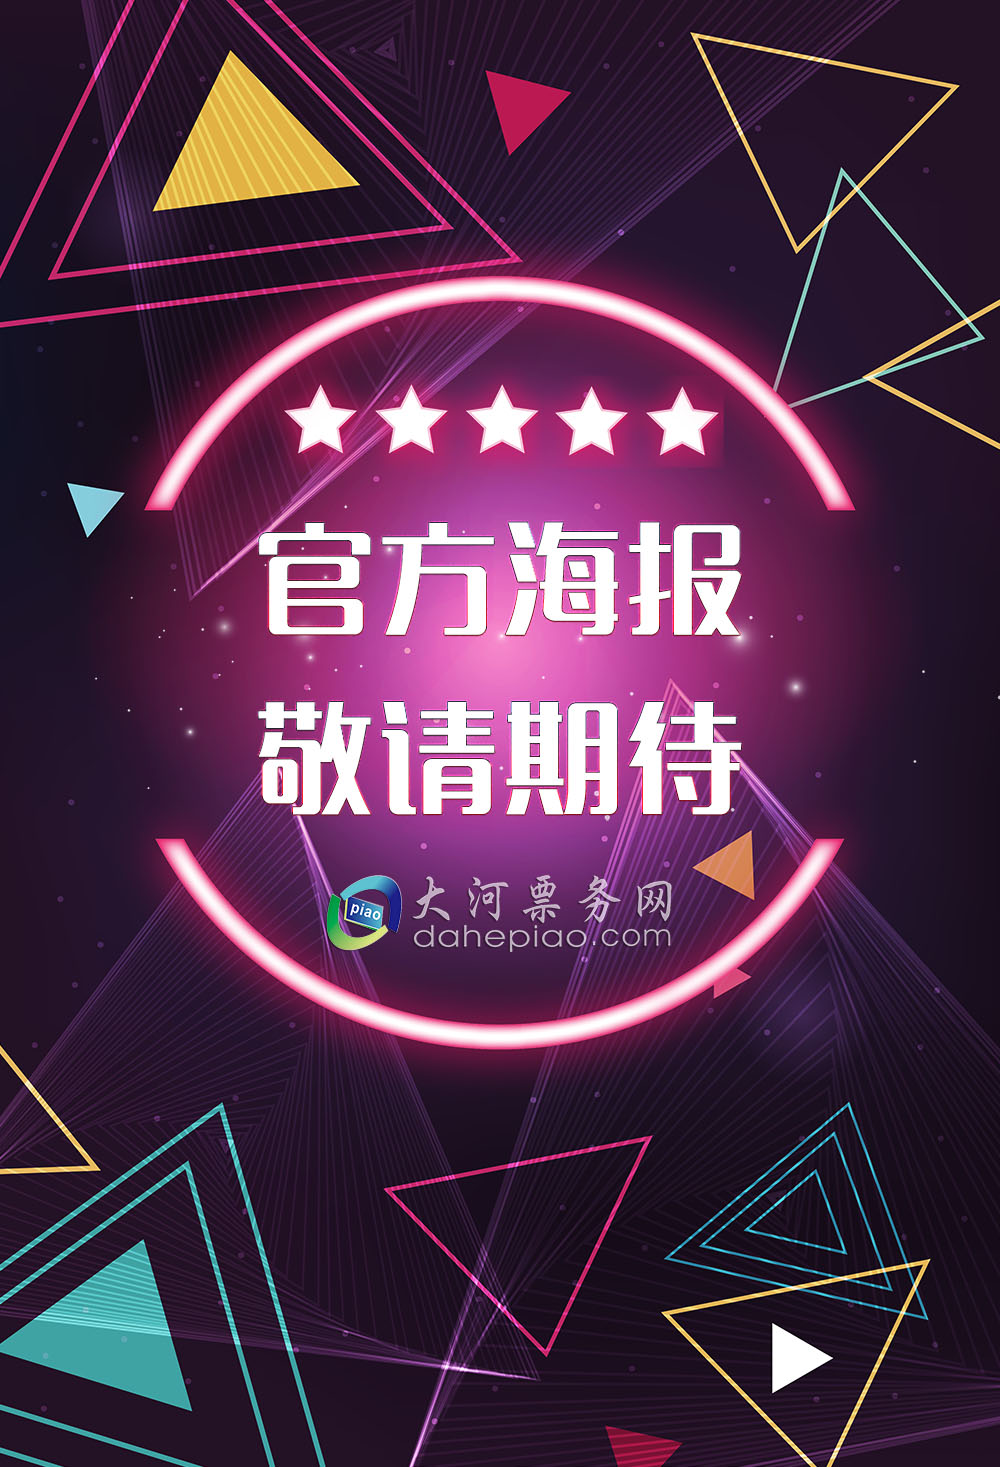 「云霄飞车迎新春」落日飞车新年巡回演唱会-上海站